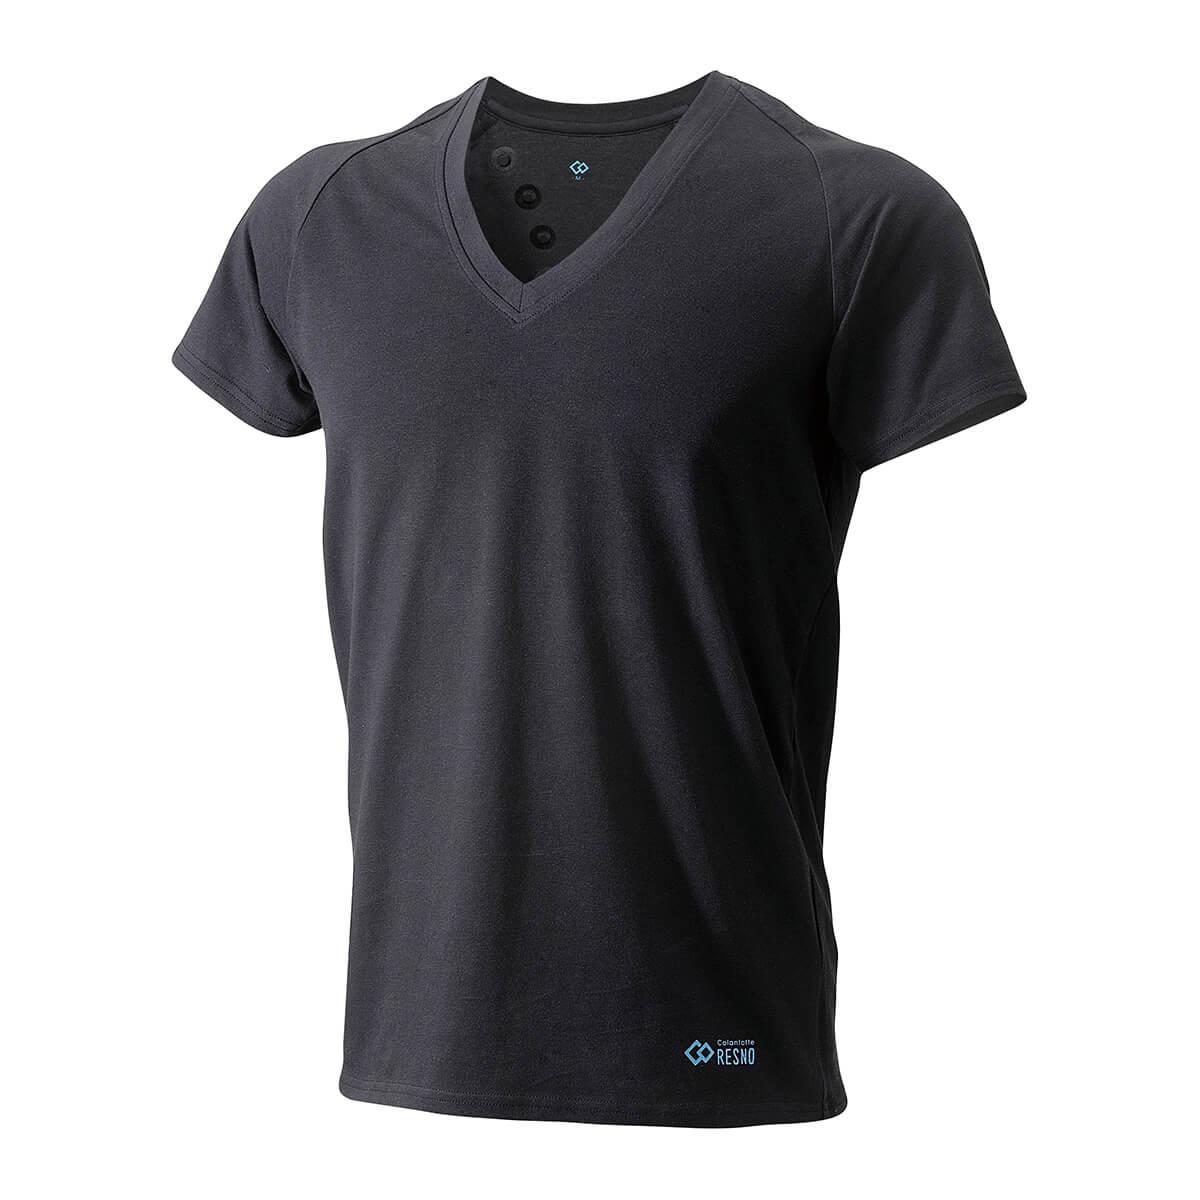 コラントッテ RESNO マグケアシャツ Vネック T ブラック